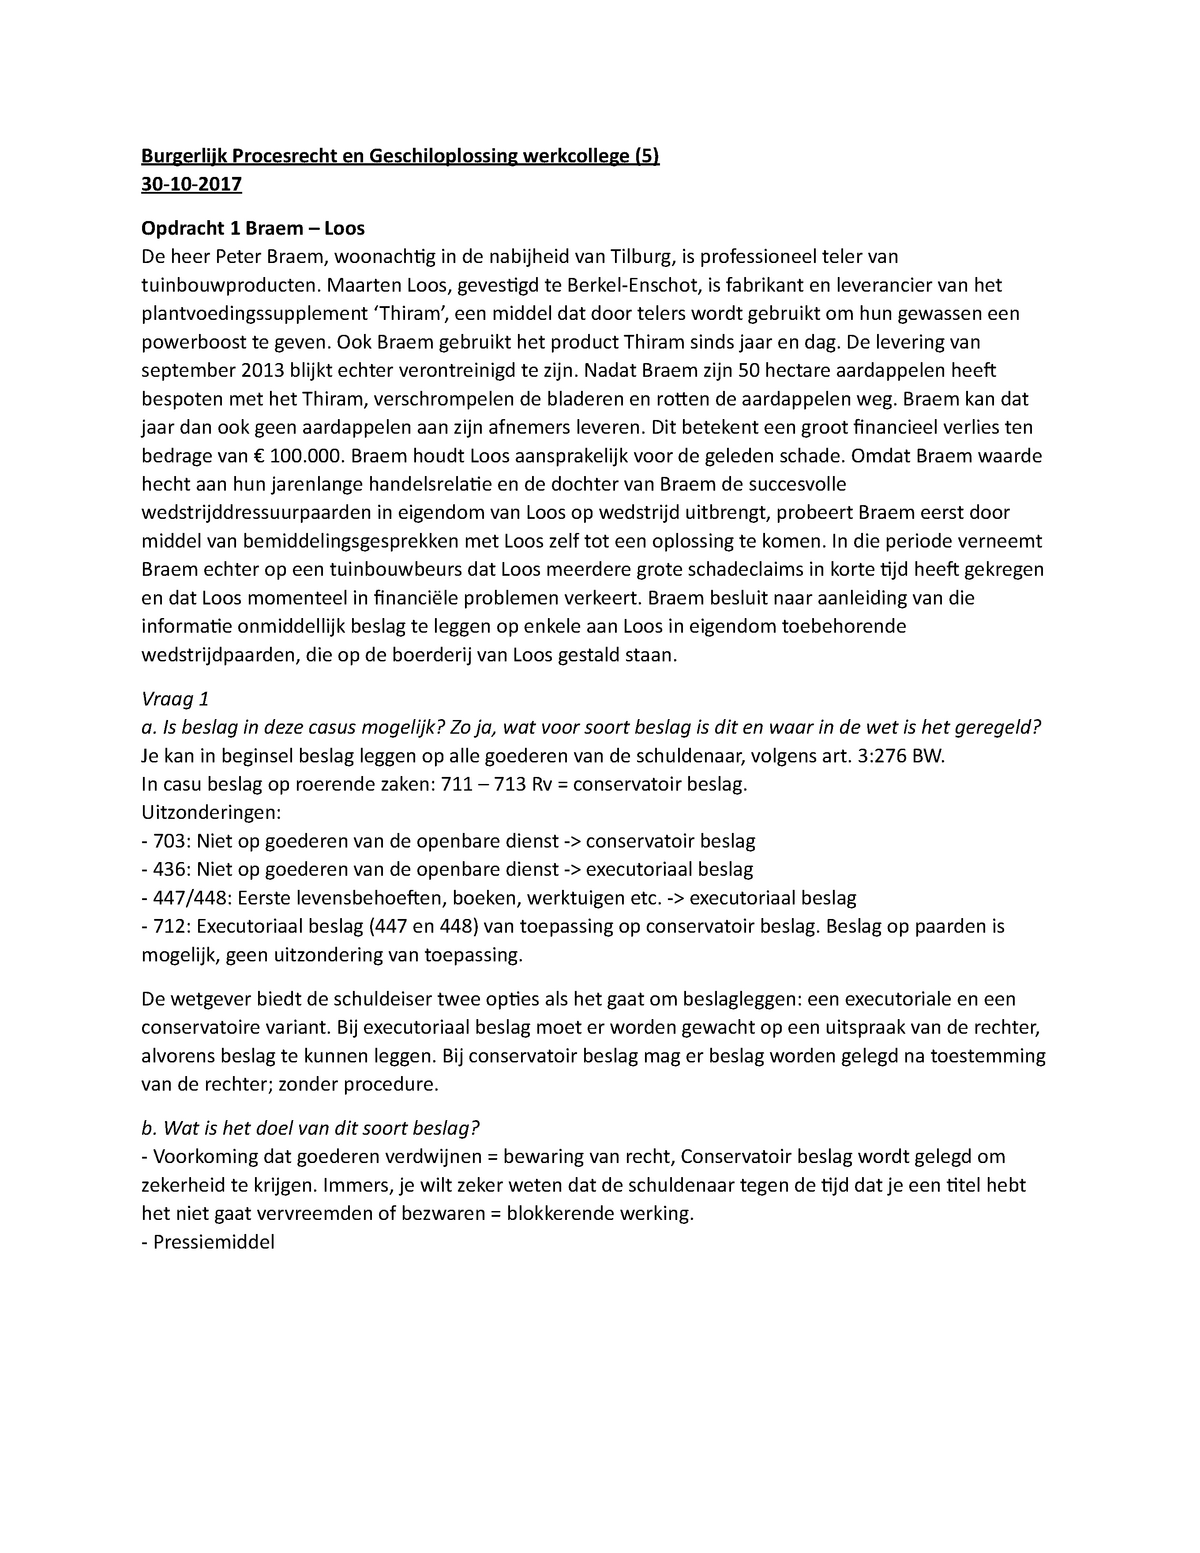 Burgerlijk Procesrecht En Geschiloplossing Werkcollege 5